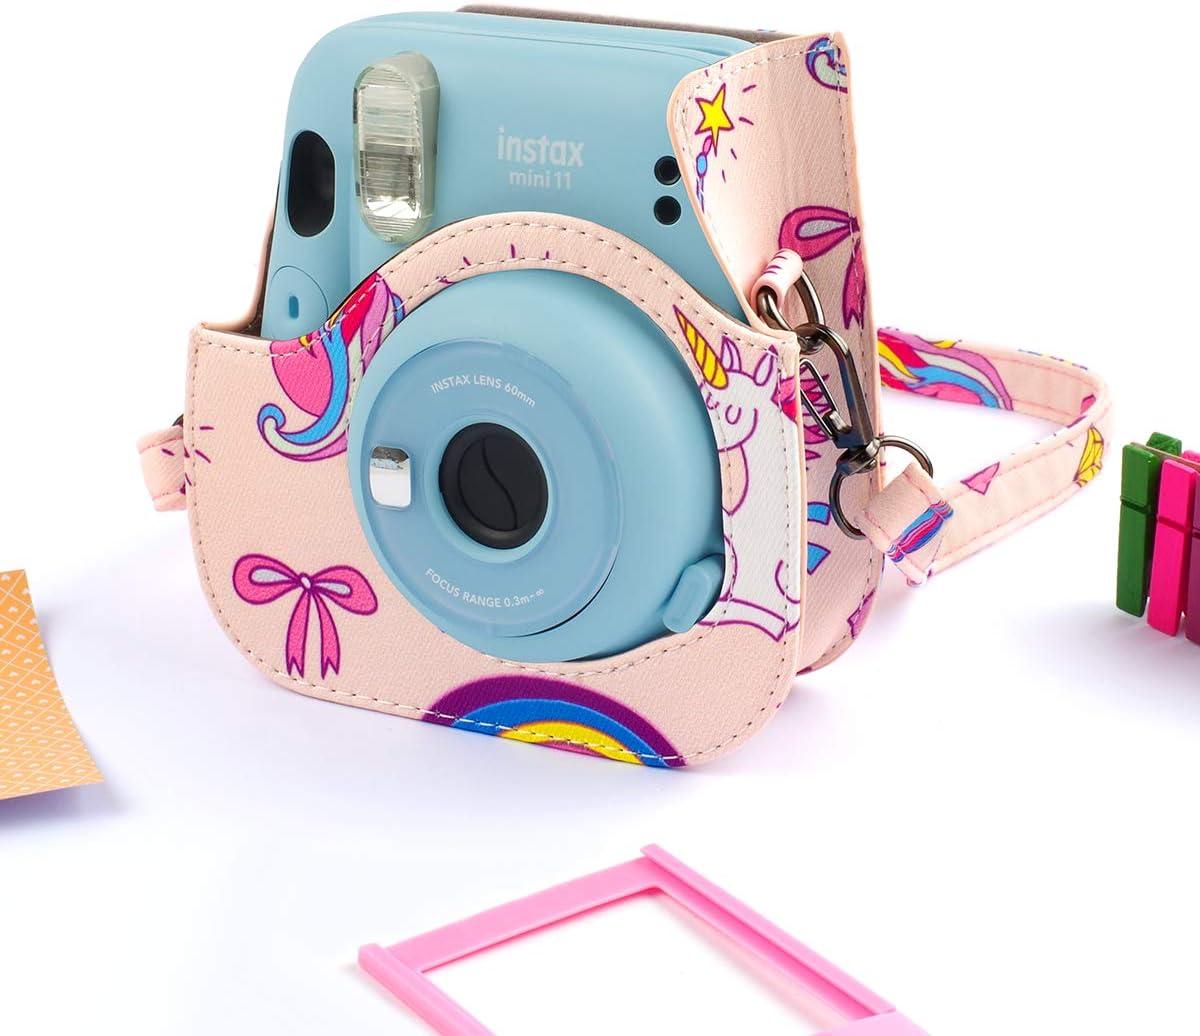 correa para el hombro y otros accesorios Funda y accesorios compatibles con c/ámara Fujifilm Instax Mini 11 Instant Polaroid filtros paquete incluye /álbumes